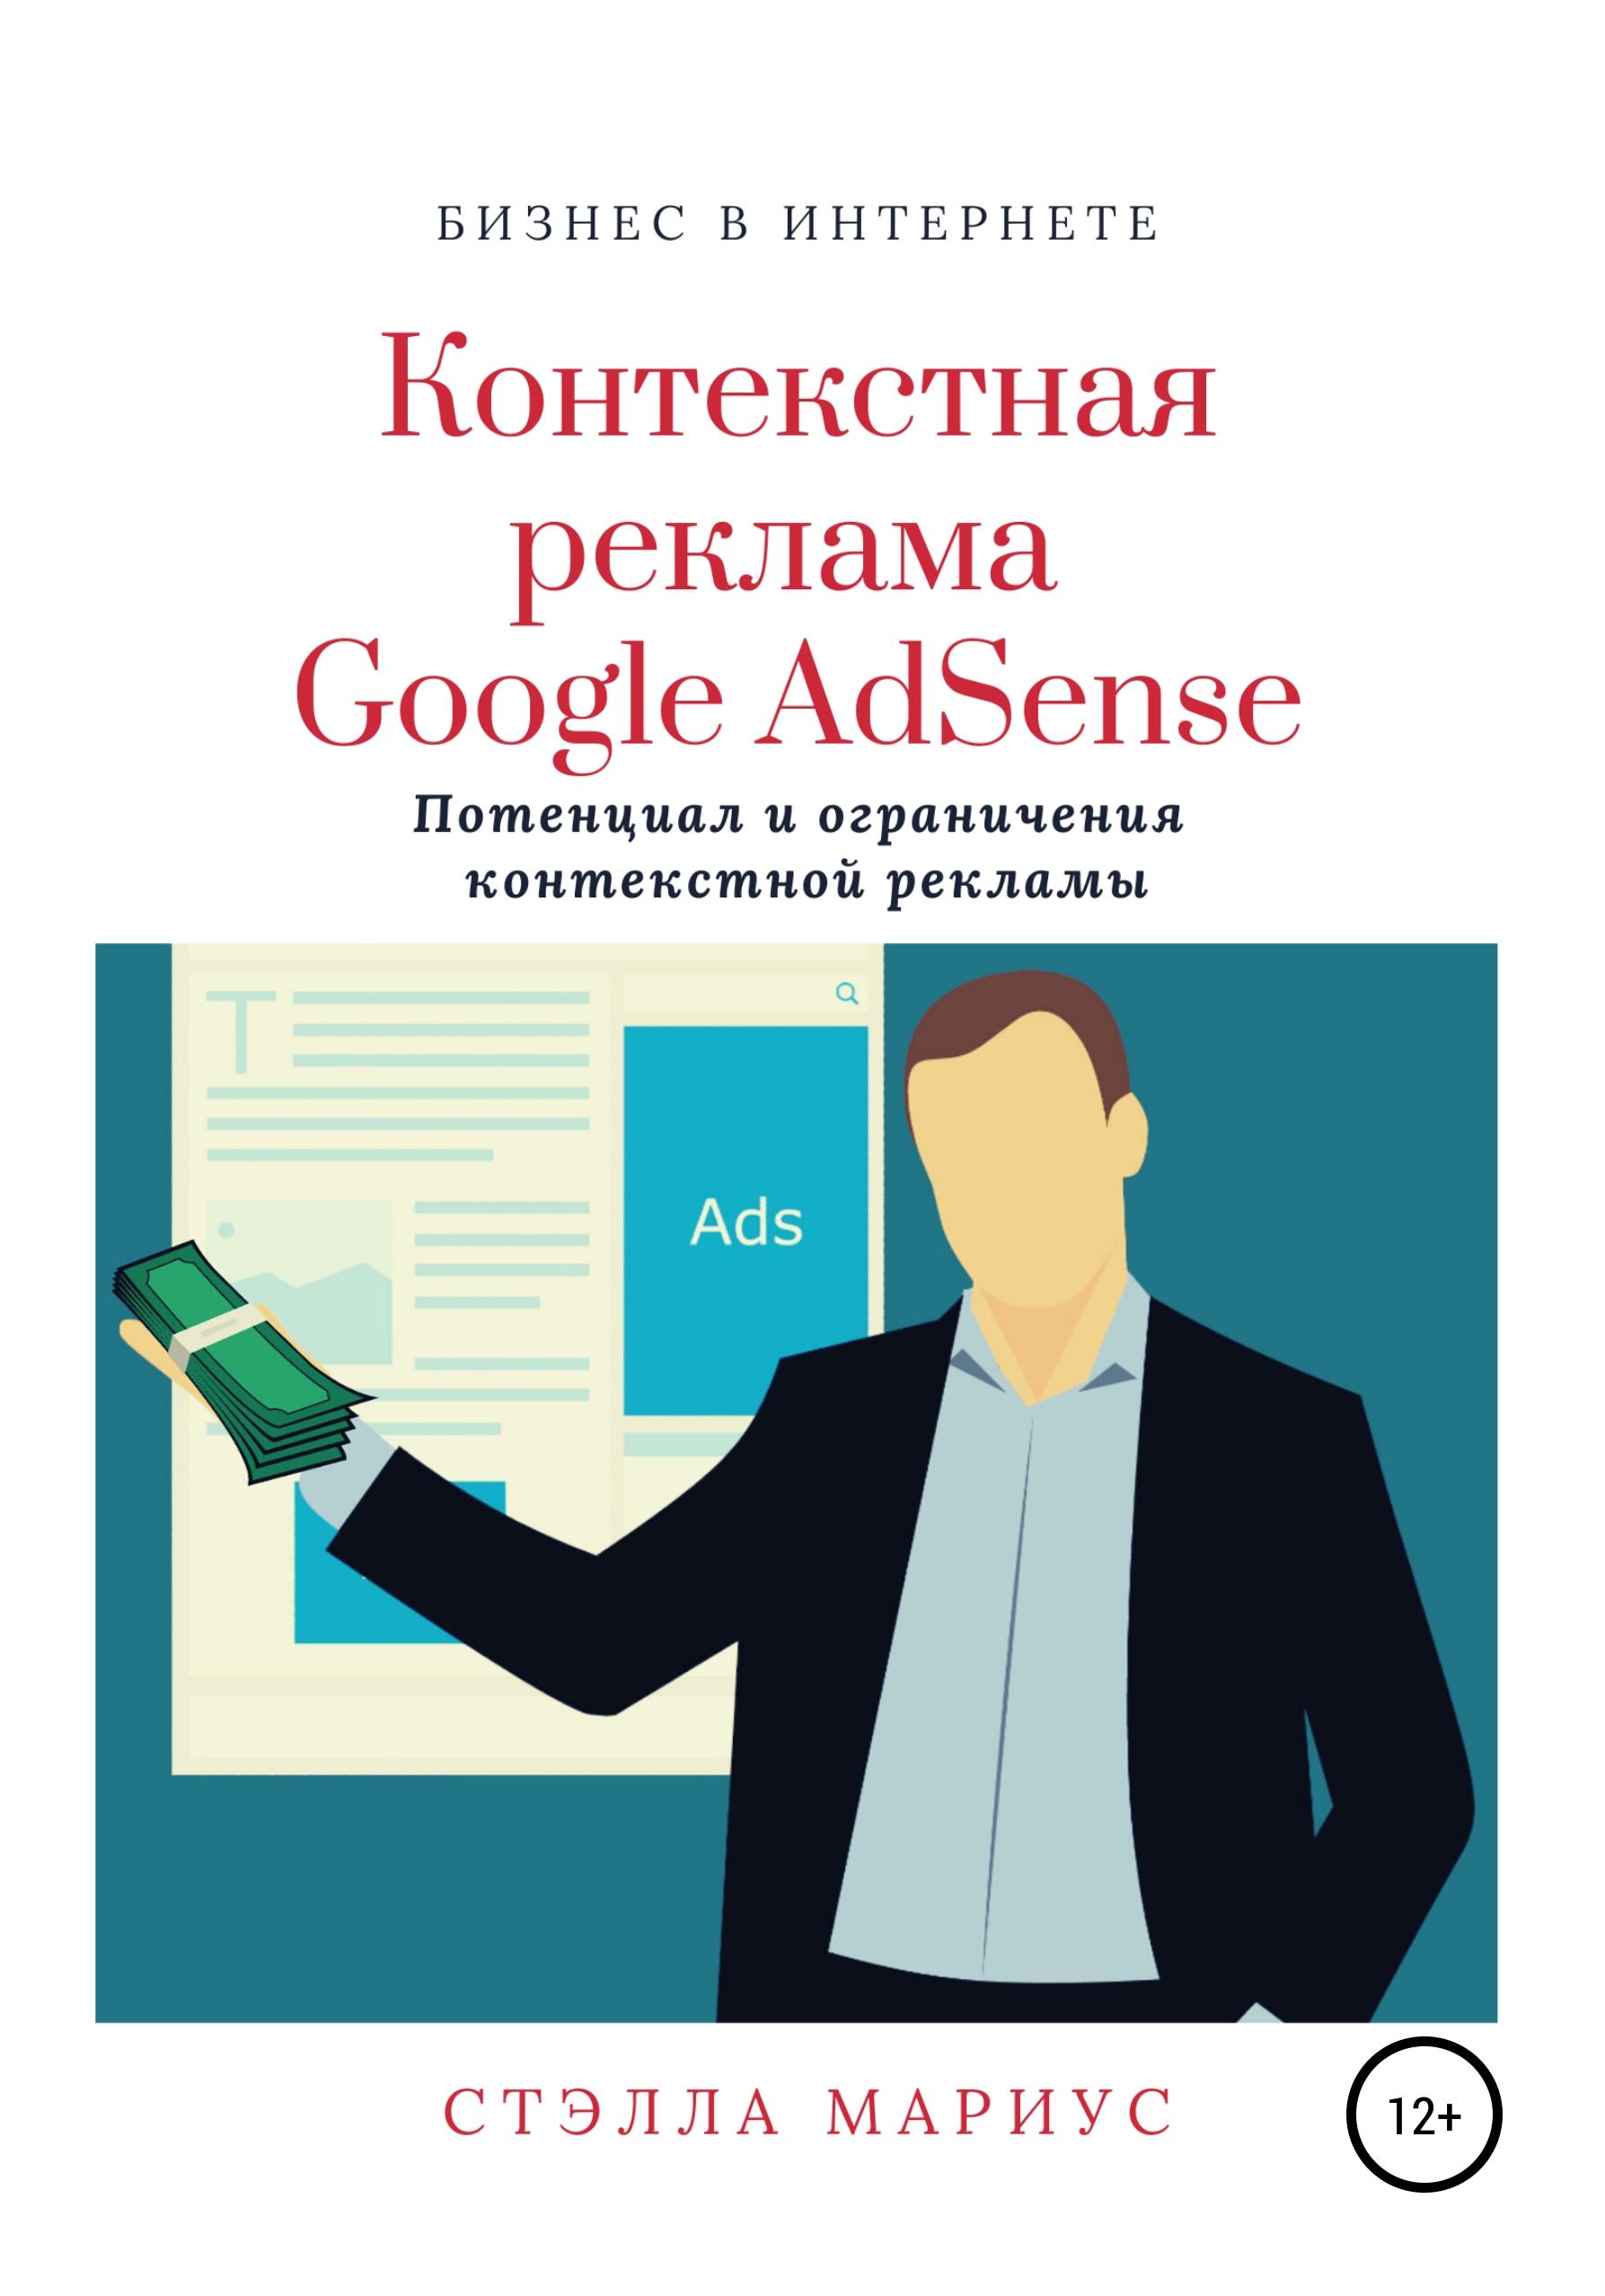 Купить книгу Контекстная реклама Google AdSense, автора Стэллы Мариуса